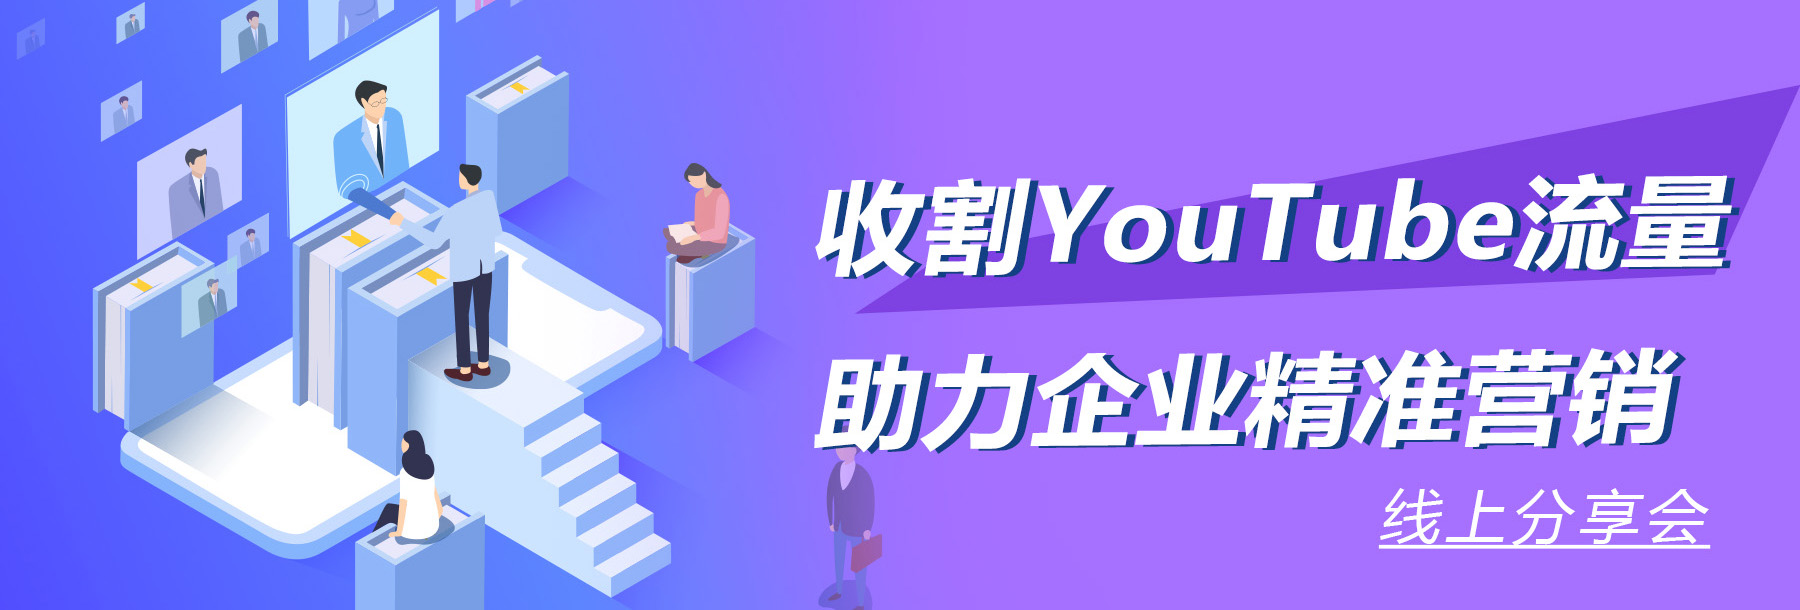 【外贸增长学院】第10期线上公开课!收割YouTube流量!